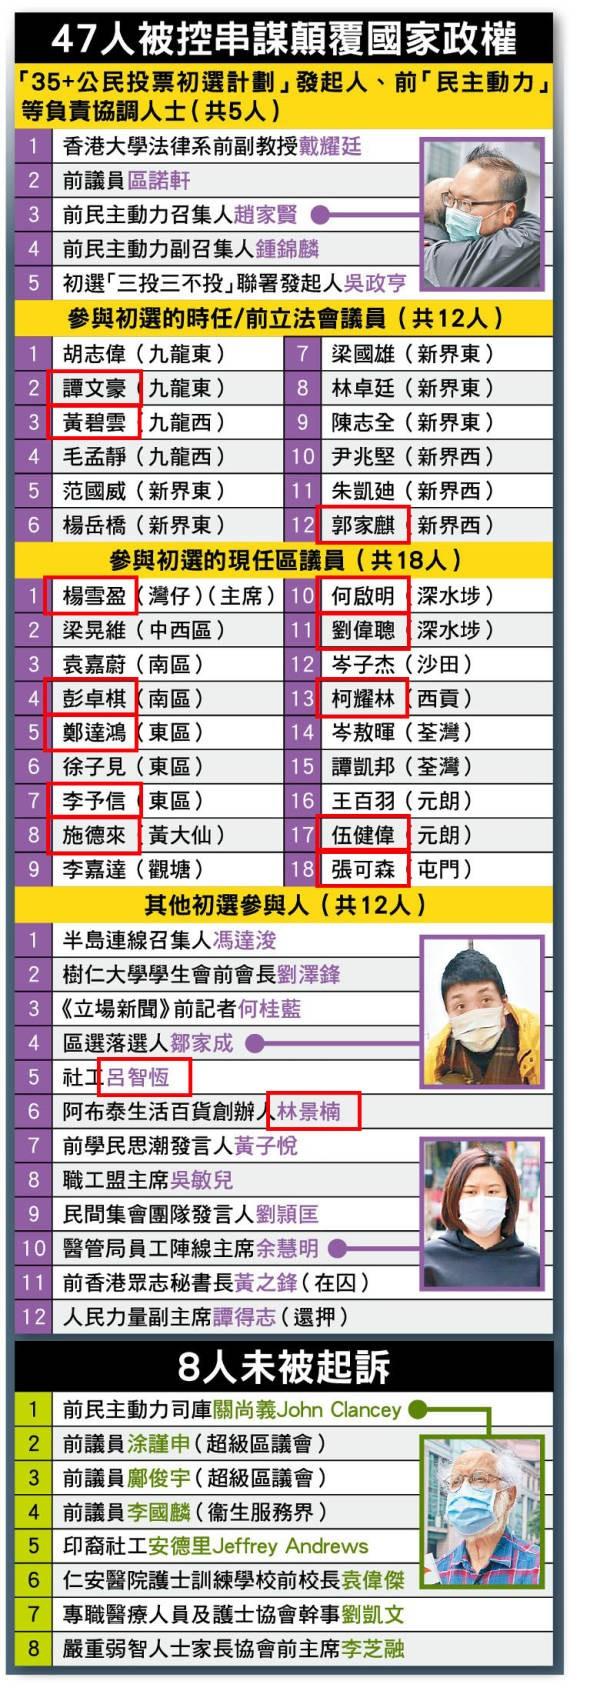 对卖国者要出重拳!十五名乱港分子刚被保释,不到十分钟又被收押 原创苏浩教授2021-03-08 09:36:12 2019年夏天,反华乱港分子在西方的资助下,在香港掀起了长达数月的暴乱,给香港乃至全中